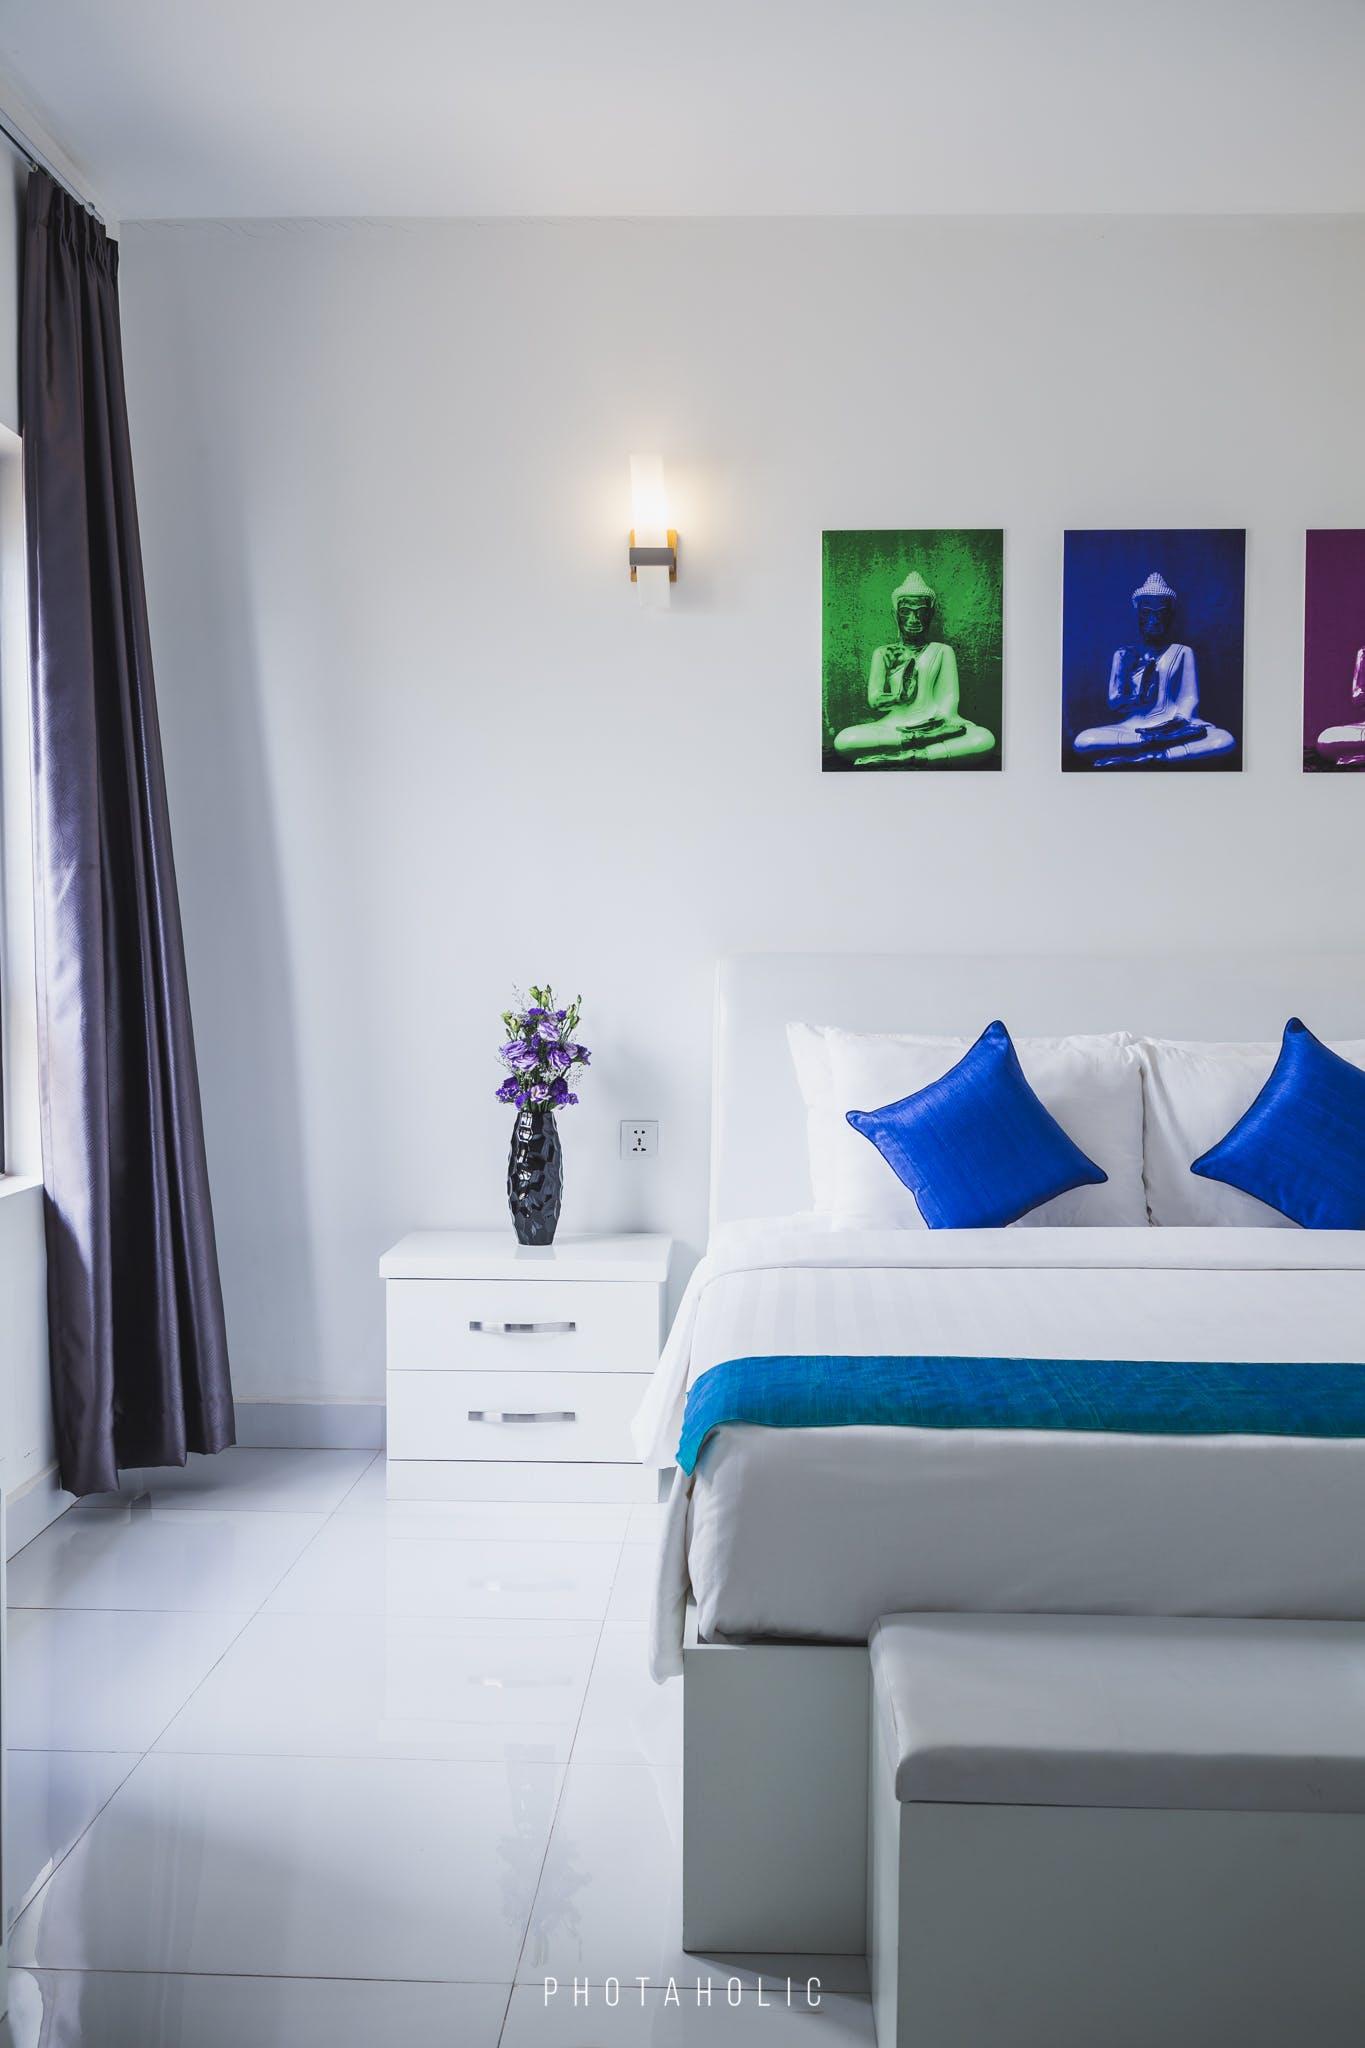 Kostenloses Stock Foto zu dekoration, foto, fotografie, hotels